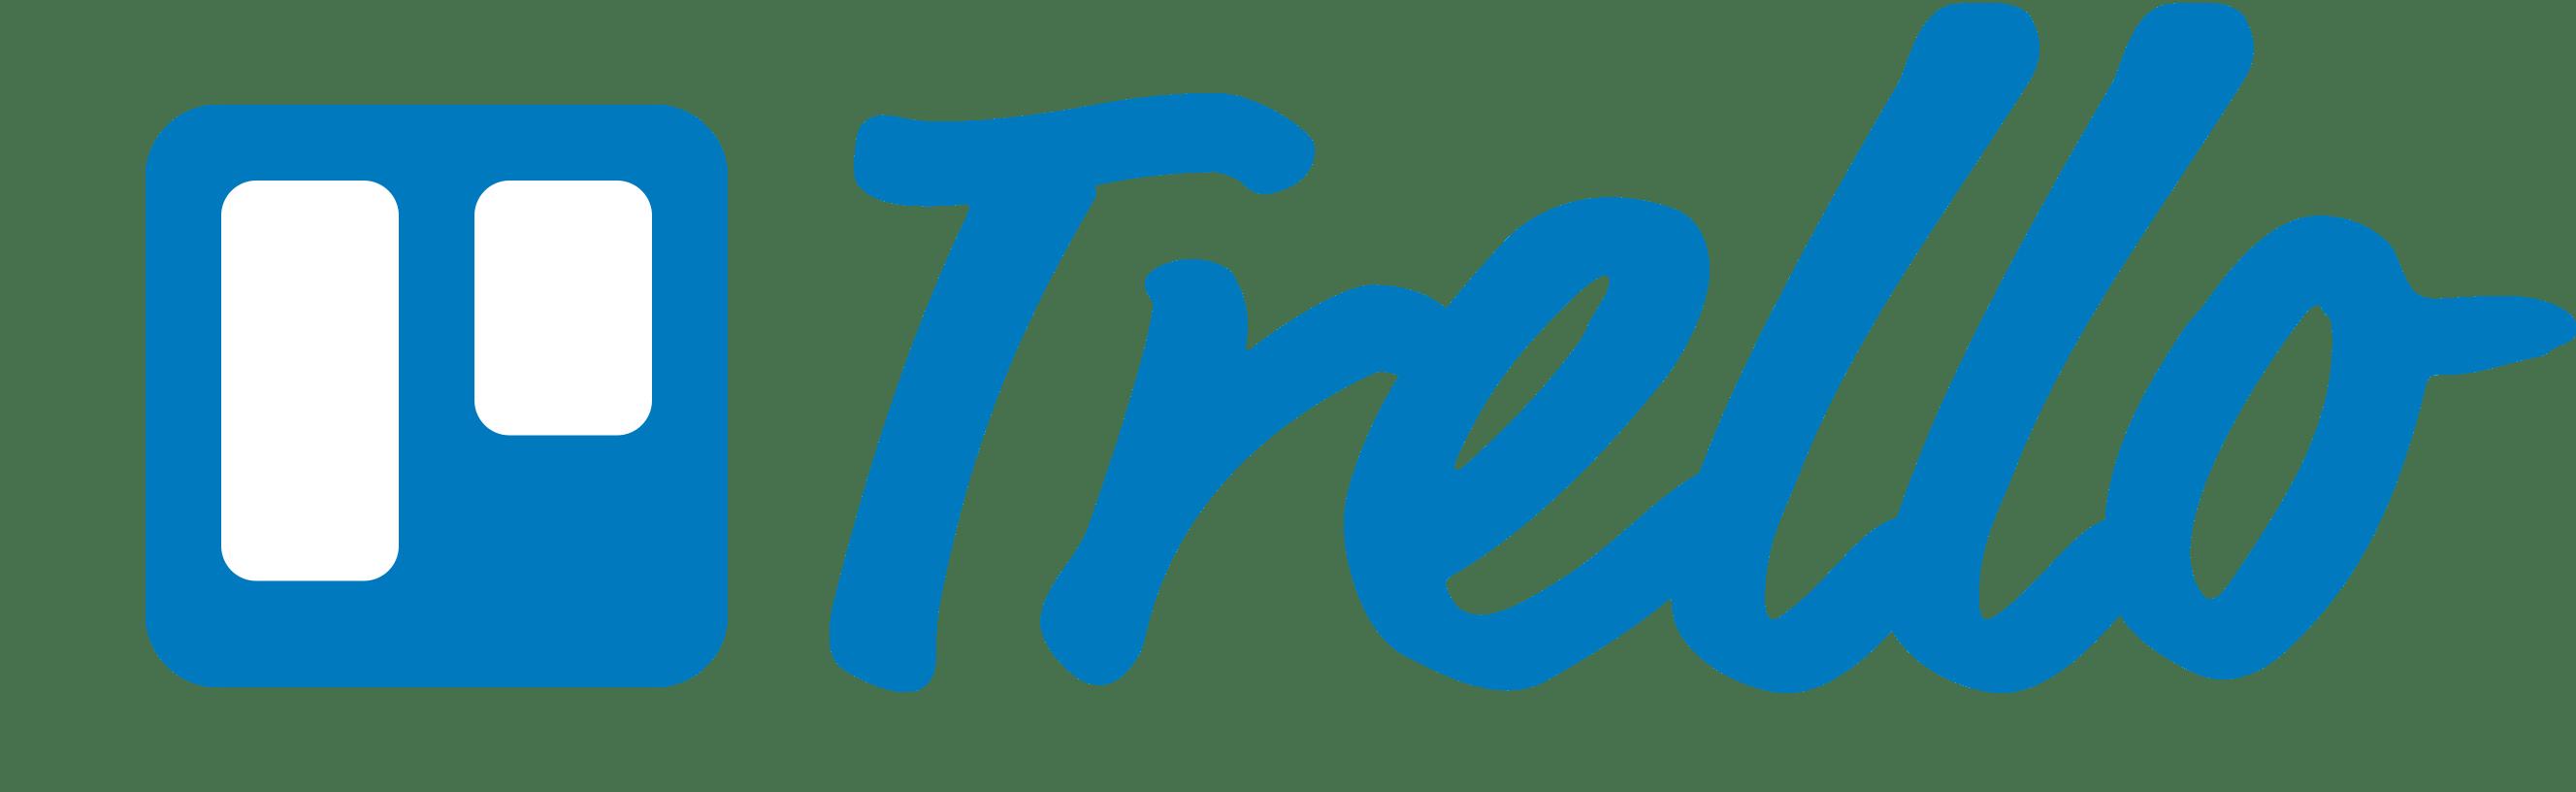 trello use node.js